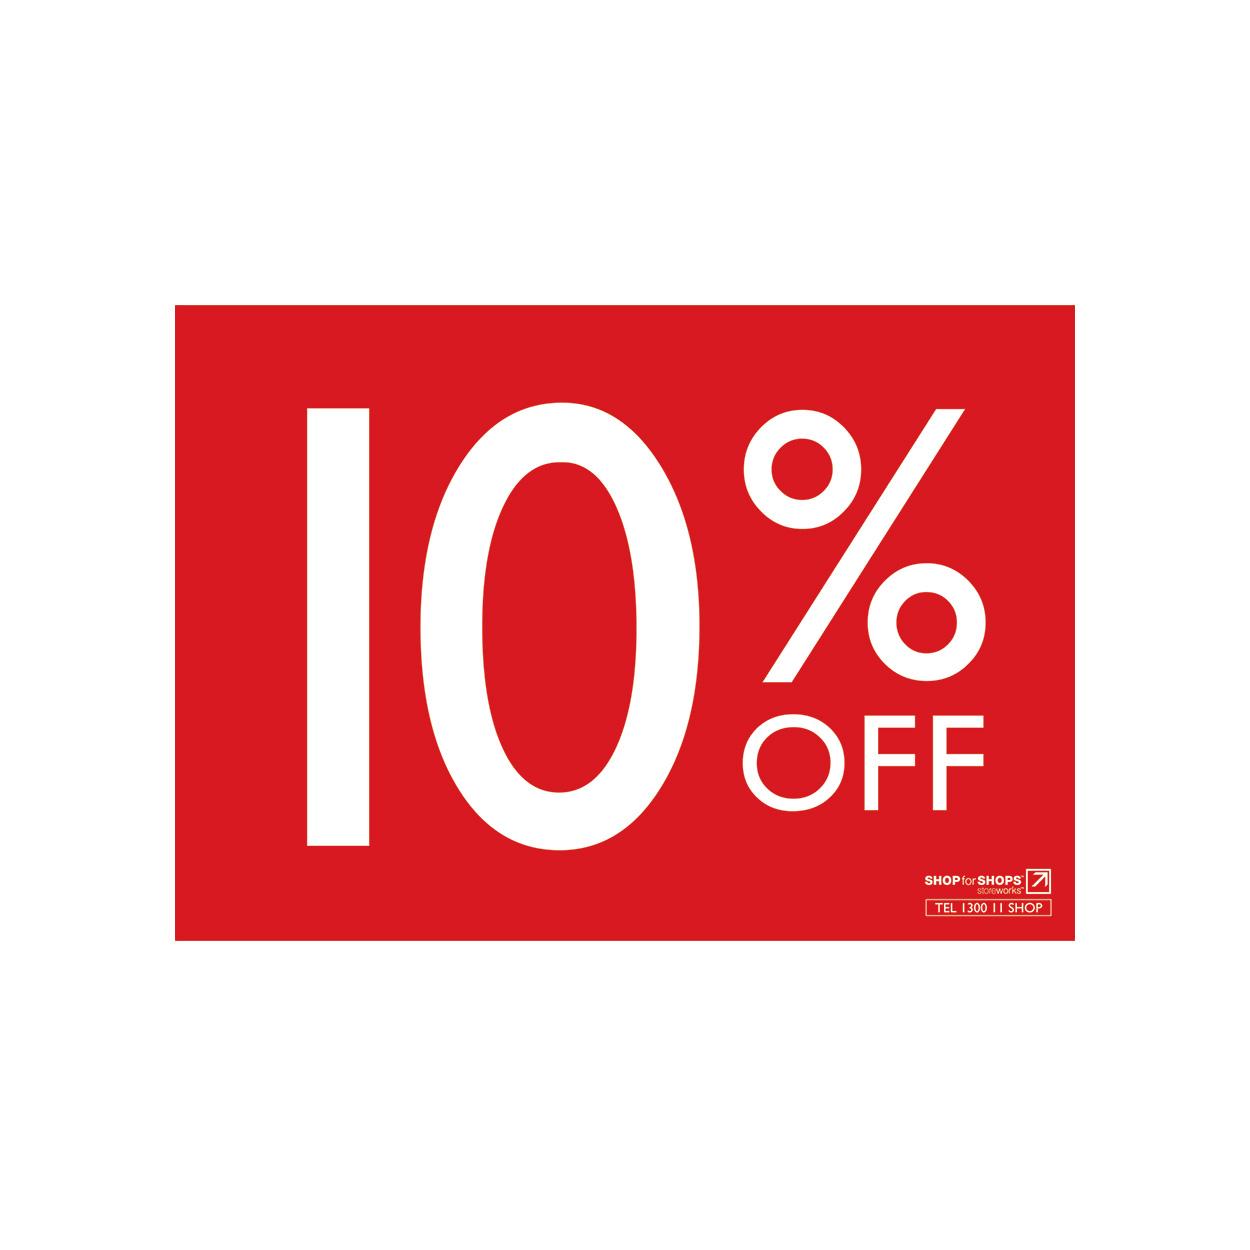 1250x1250 A4 Landscape Sign 10% Off 297 W X 210mm H Shop For Shops